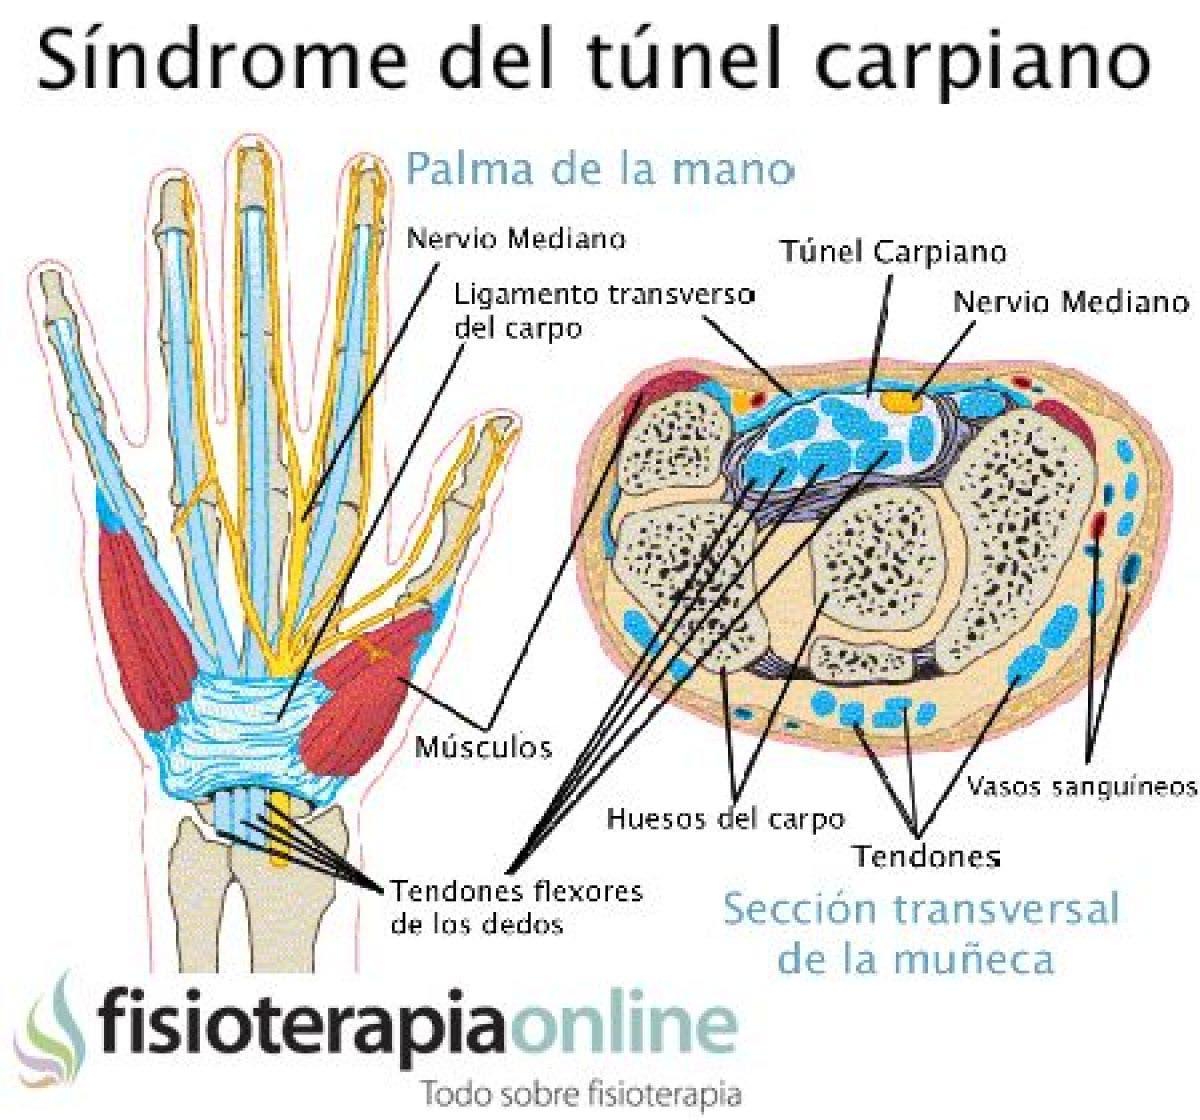 Anatomía del túnel carpiano